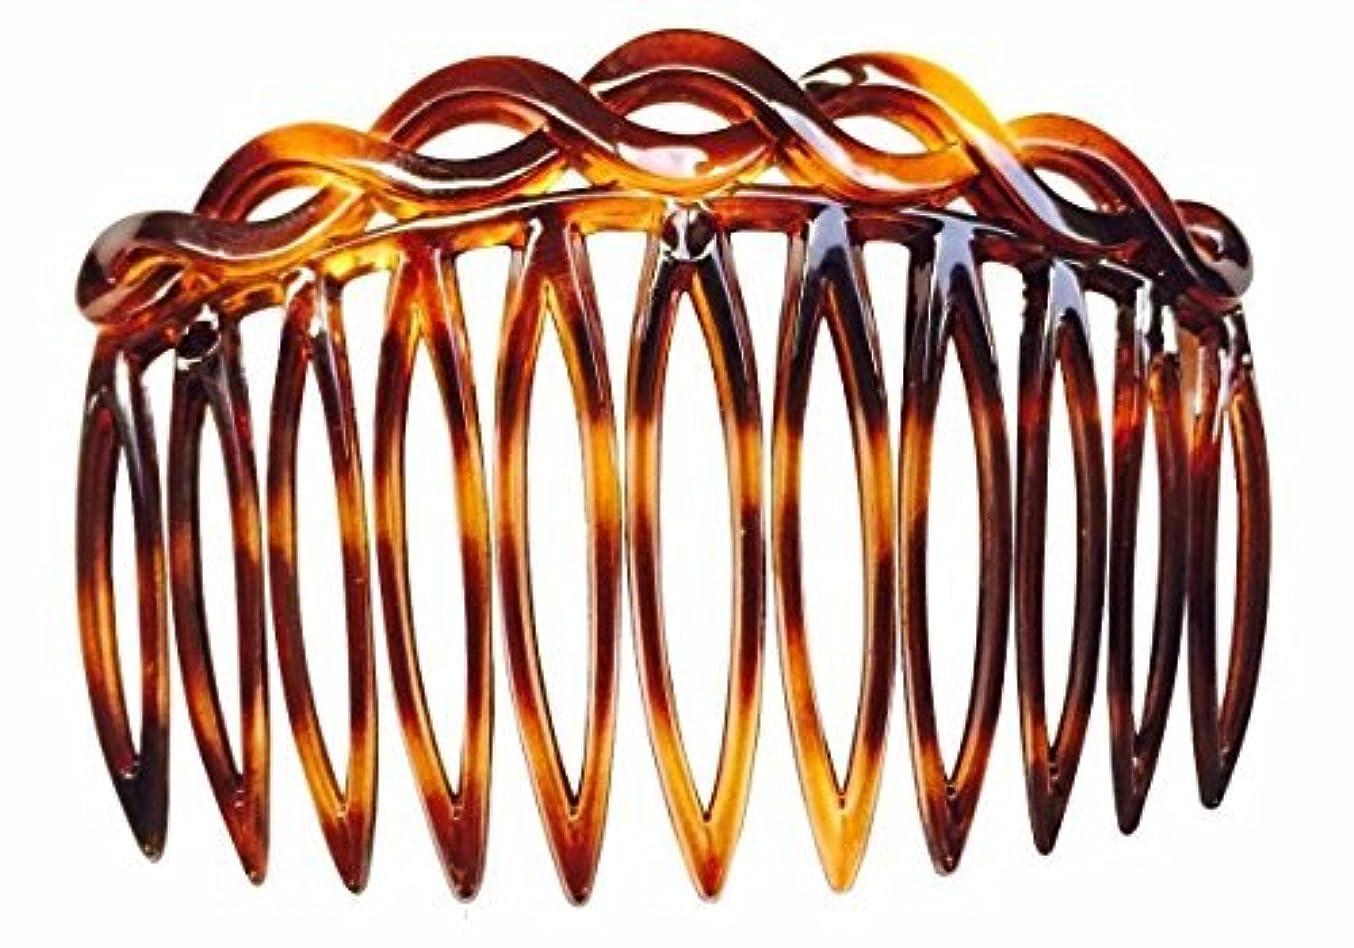 効率的に不機嫌身元Parcelona French 2 Pieces Open Curved Celluloid Shell Side Hair Combs - 3 Inch (2 Pcs) [並行輸入品]